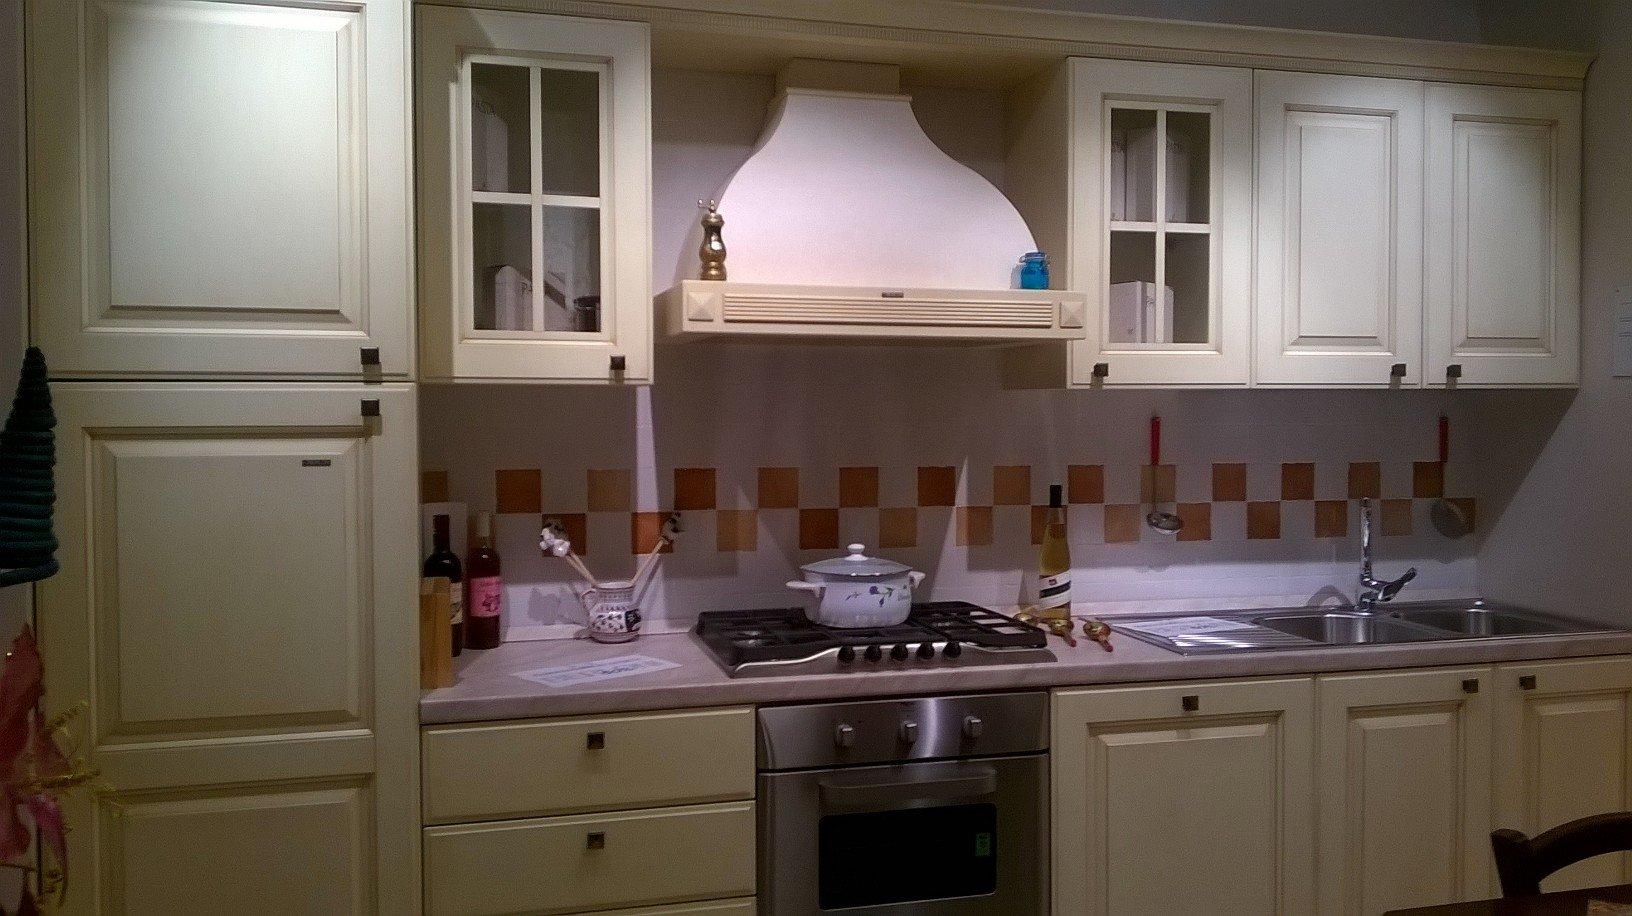 una cucina con mobili in legno color panna